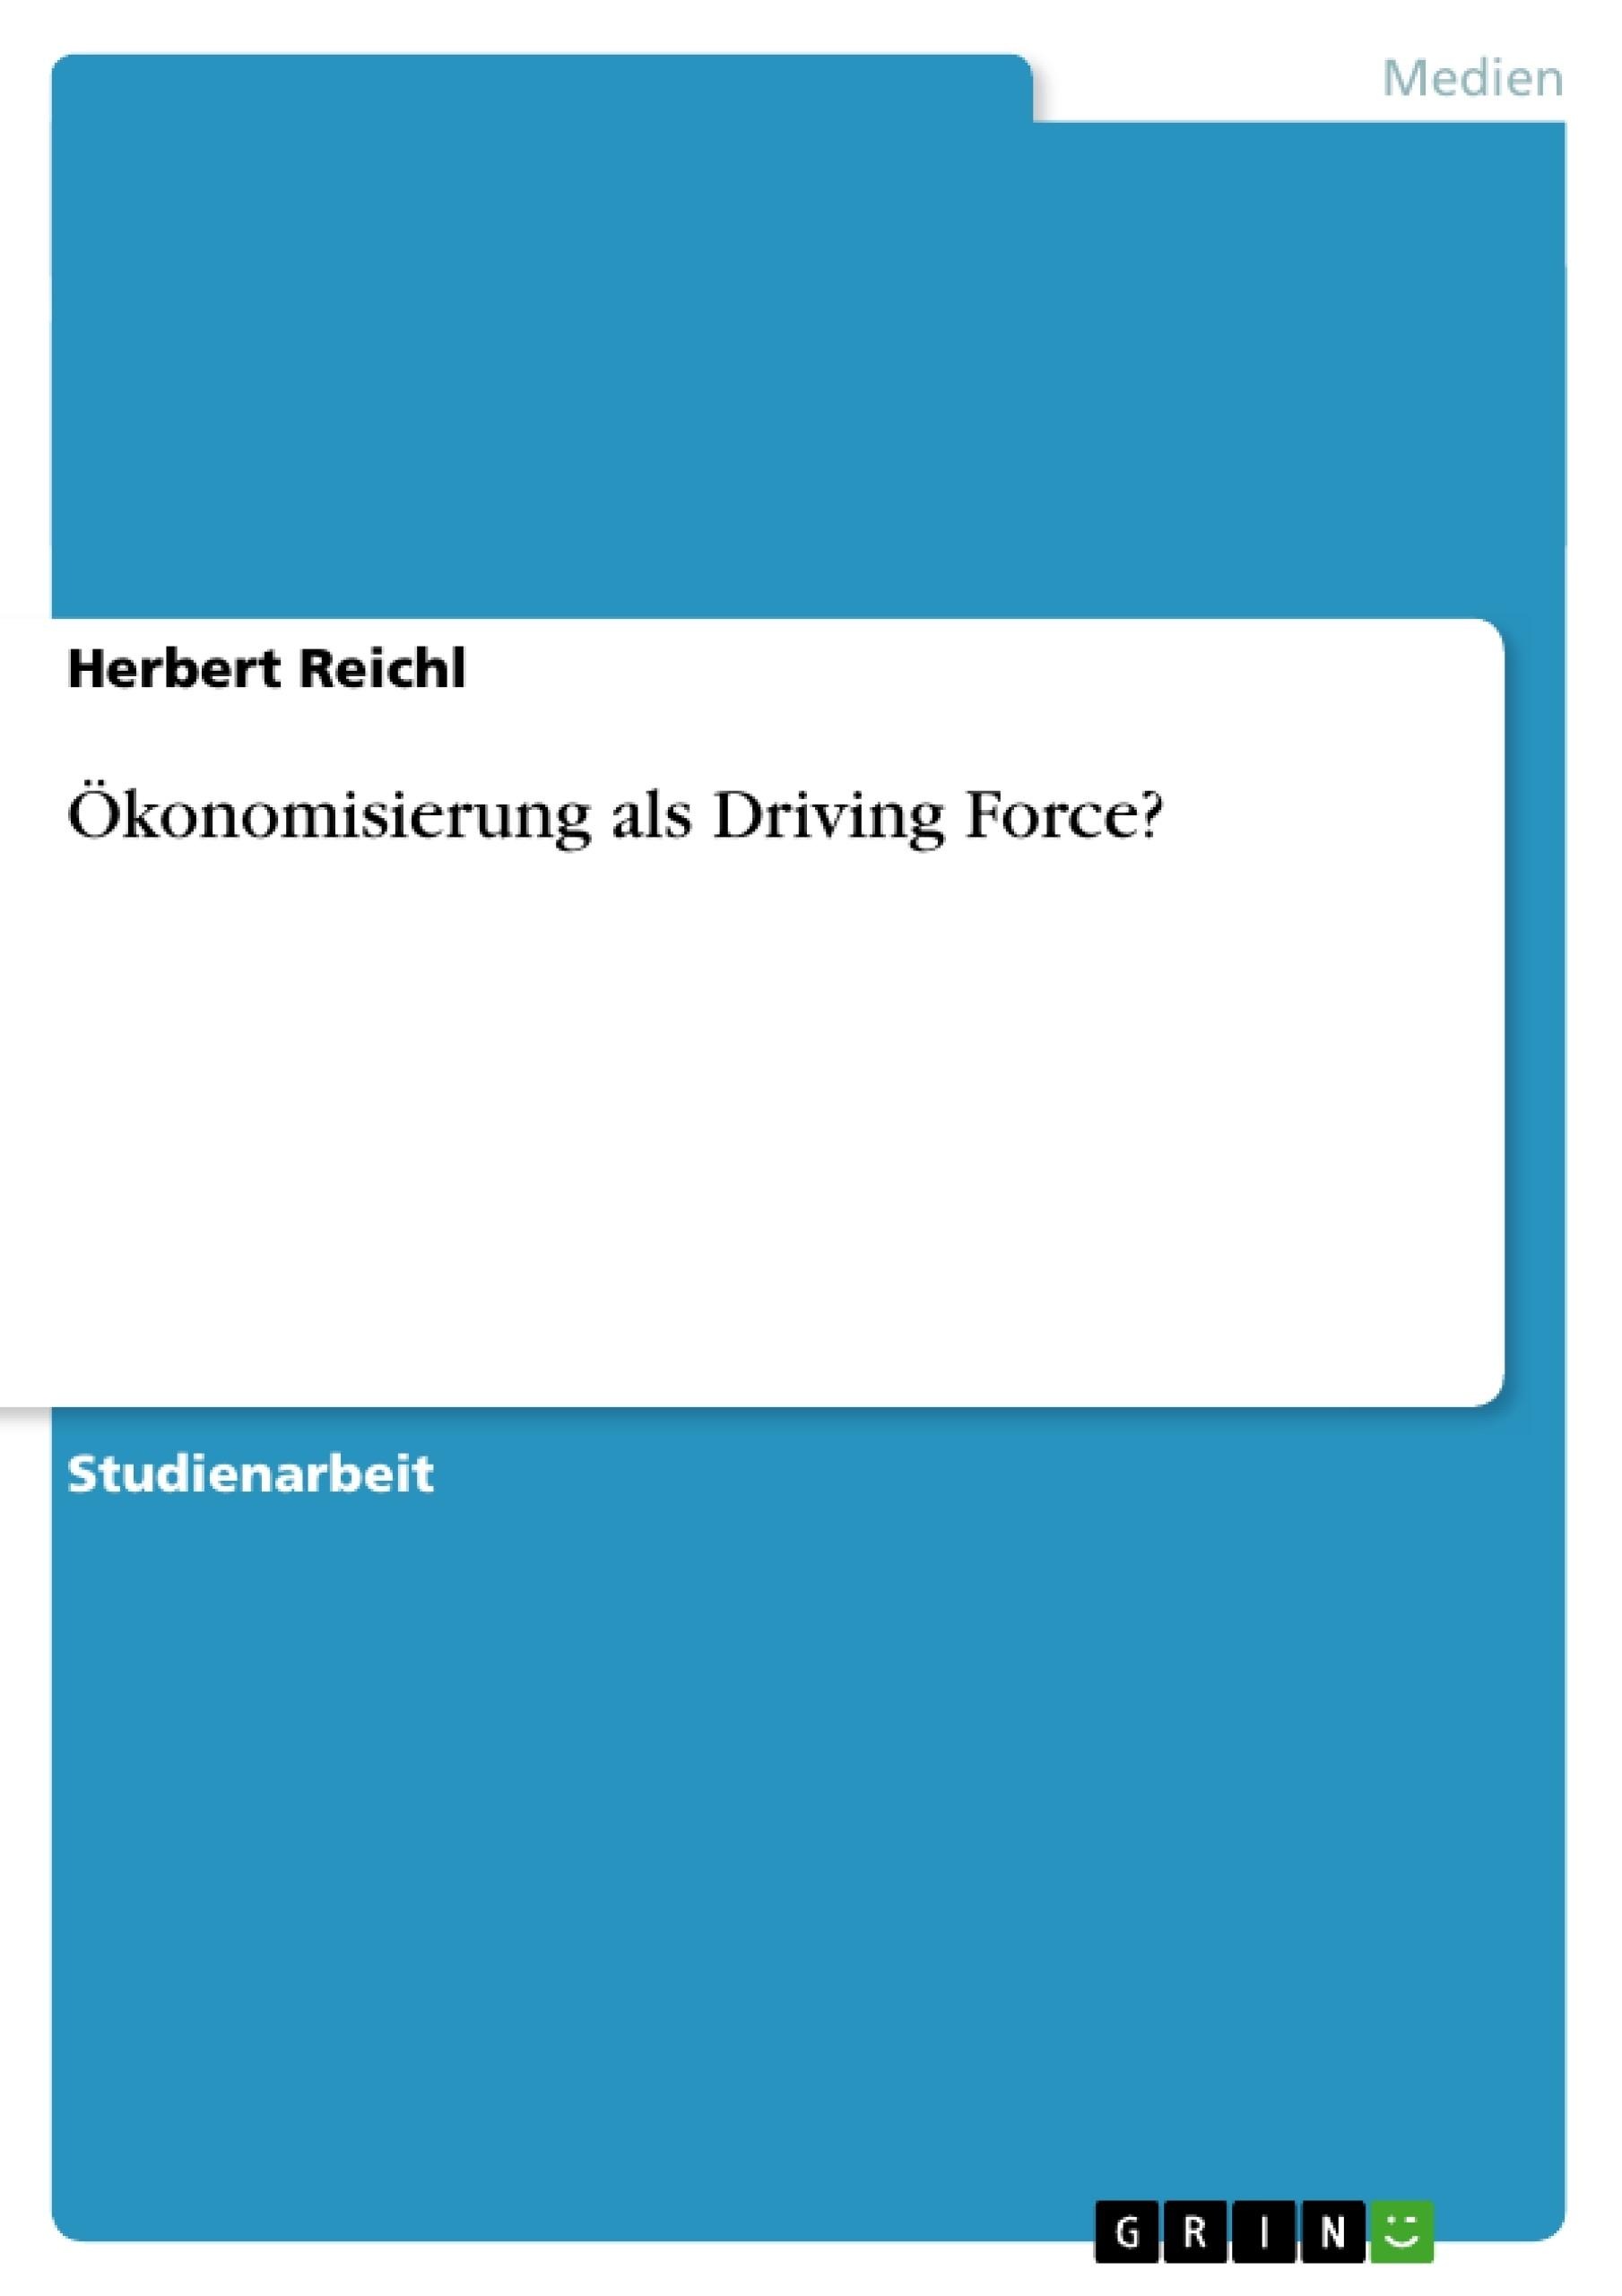 Titel: Ökonomisierung als Driving Force?